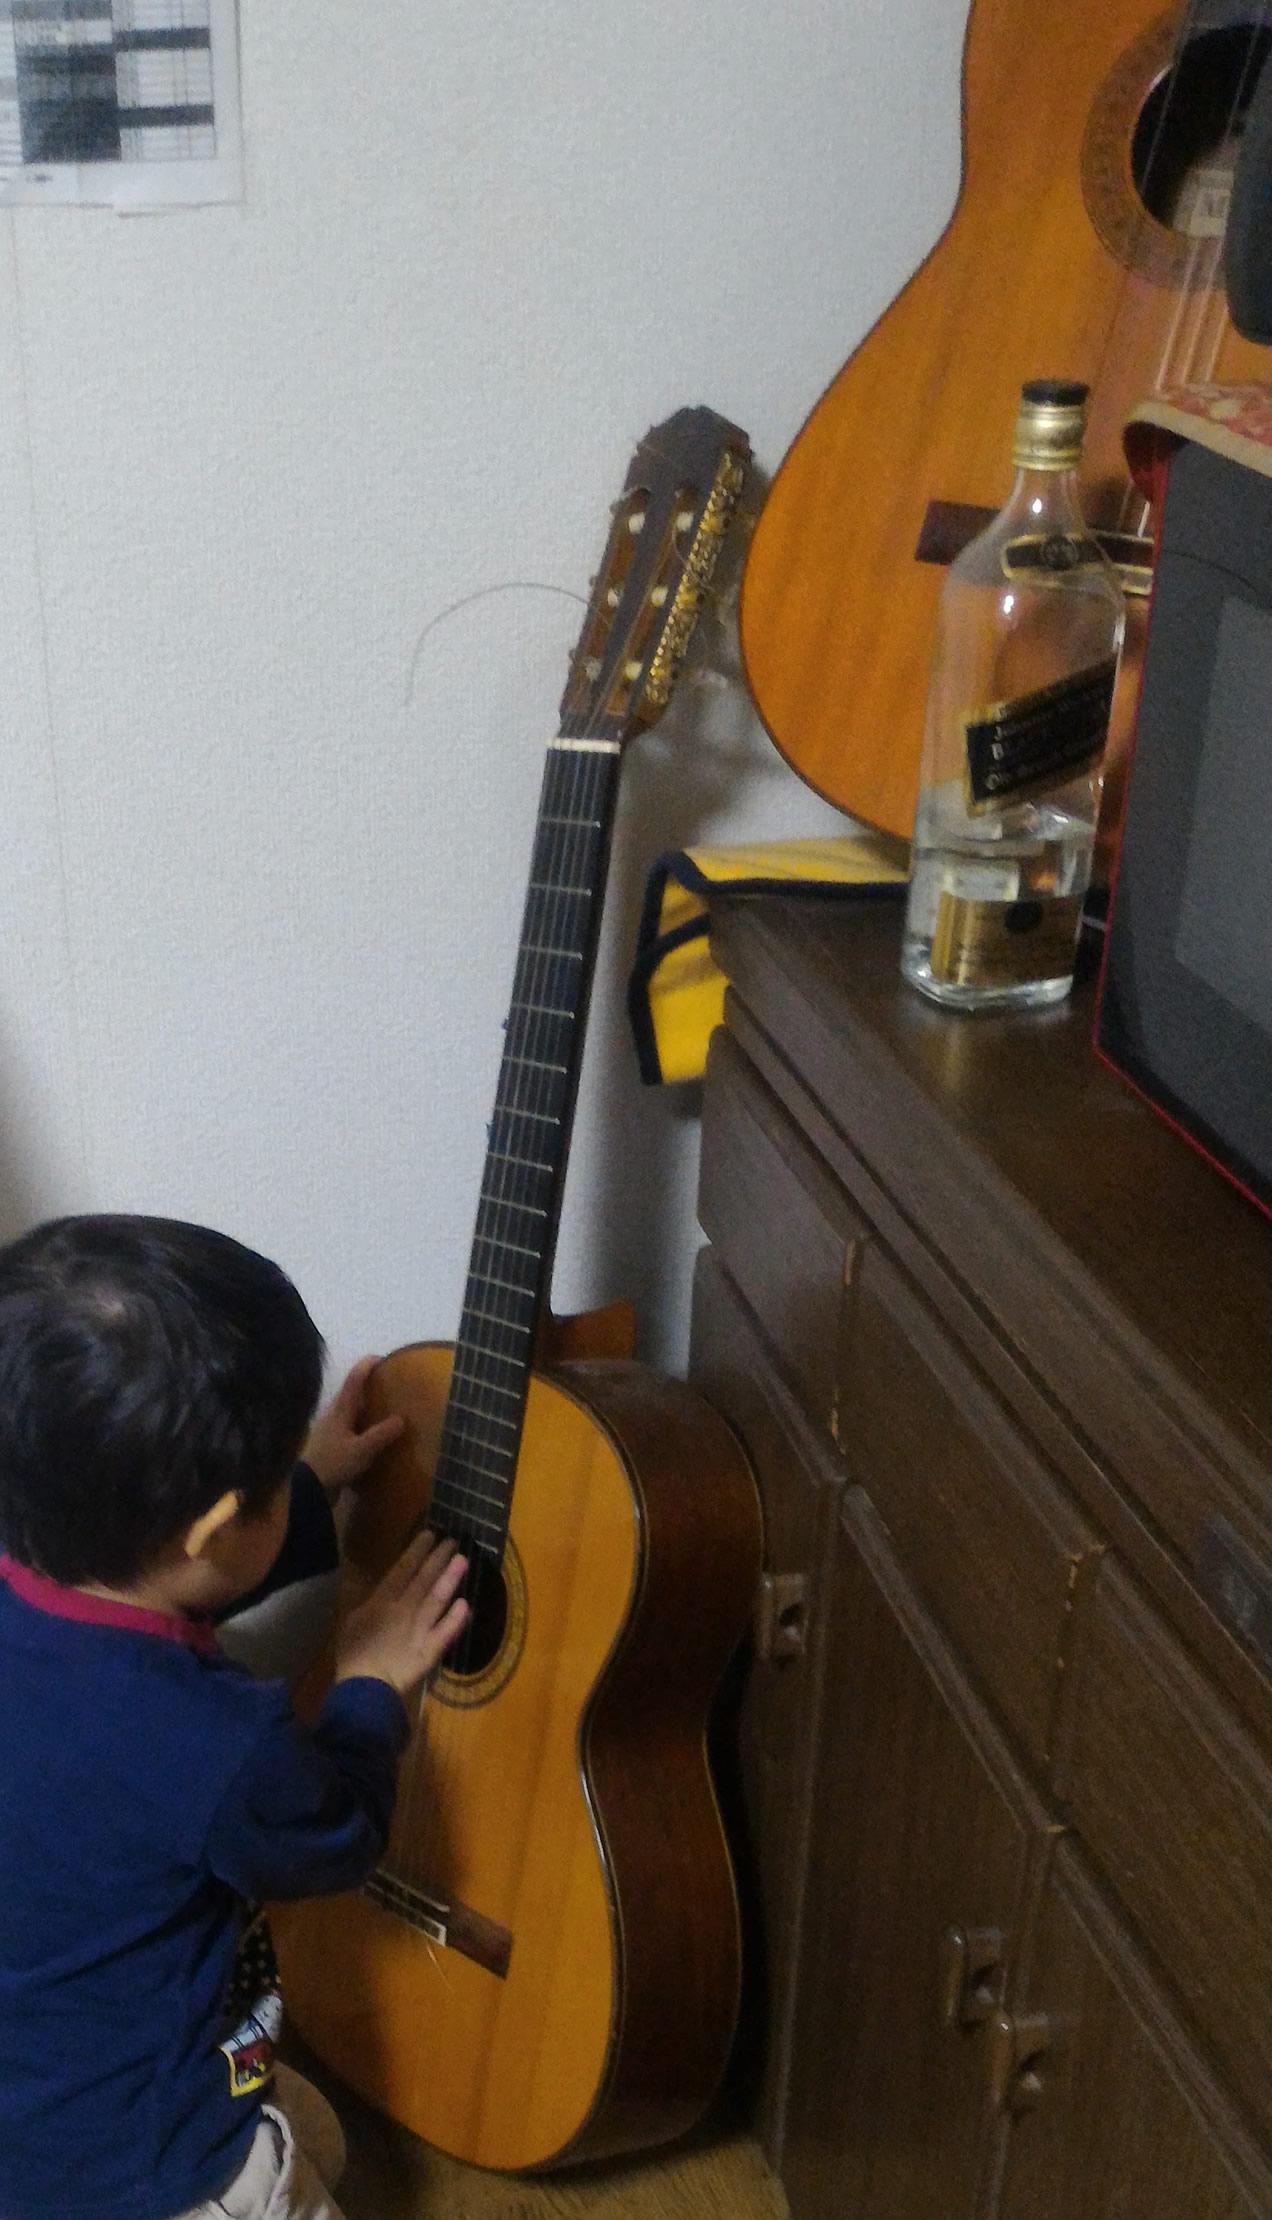 1本目:メーカー等不明 / 2本目:田村満 (クラシックギター)|京都府相楽郡